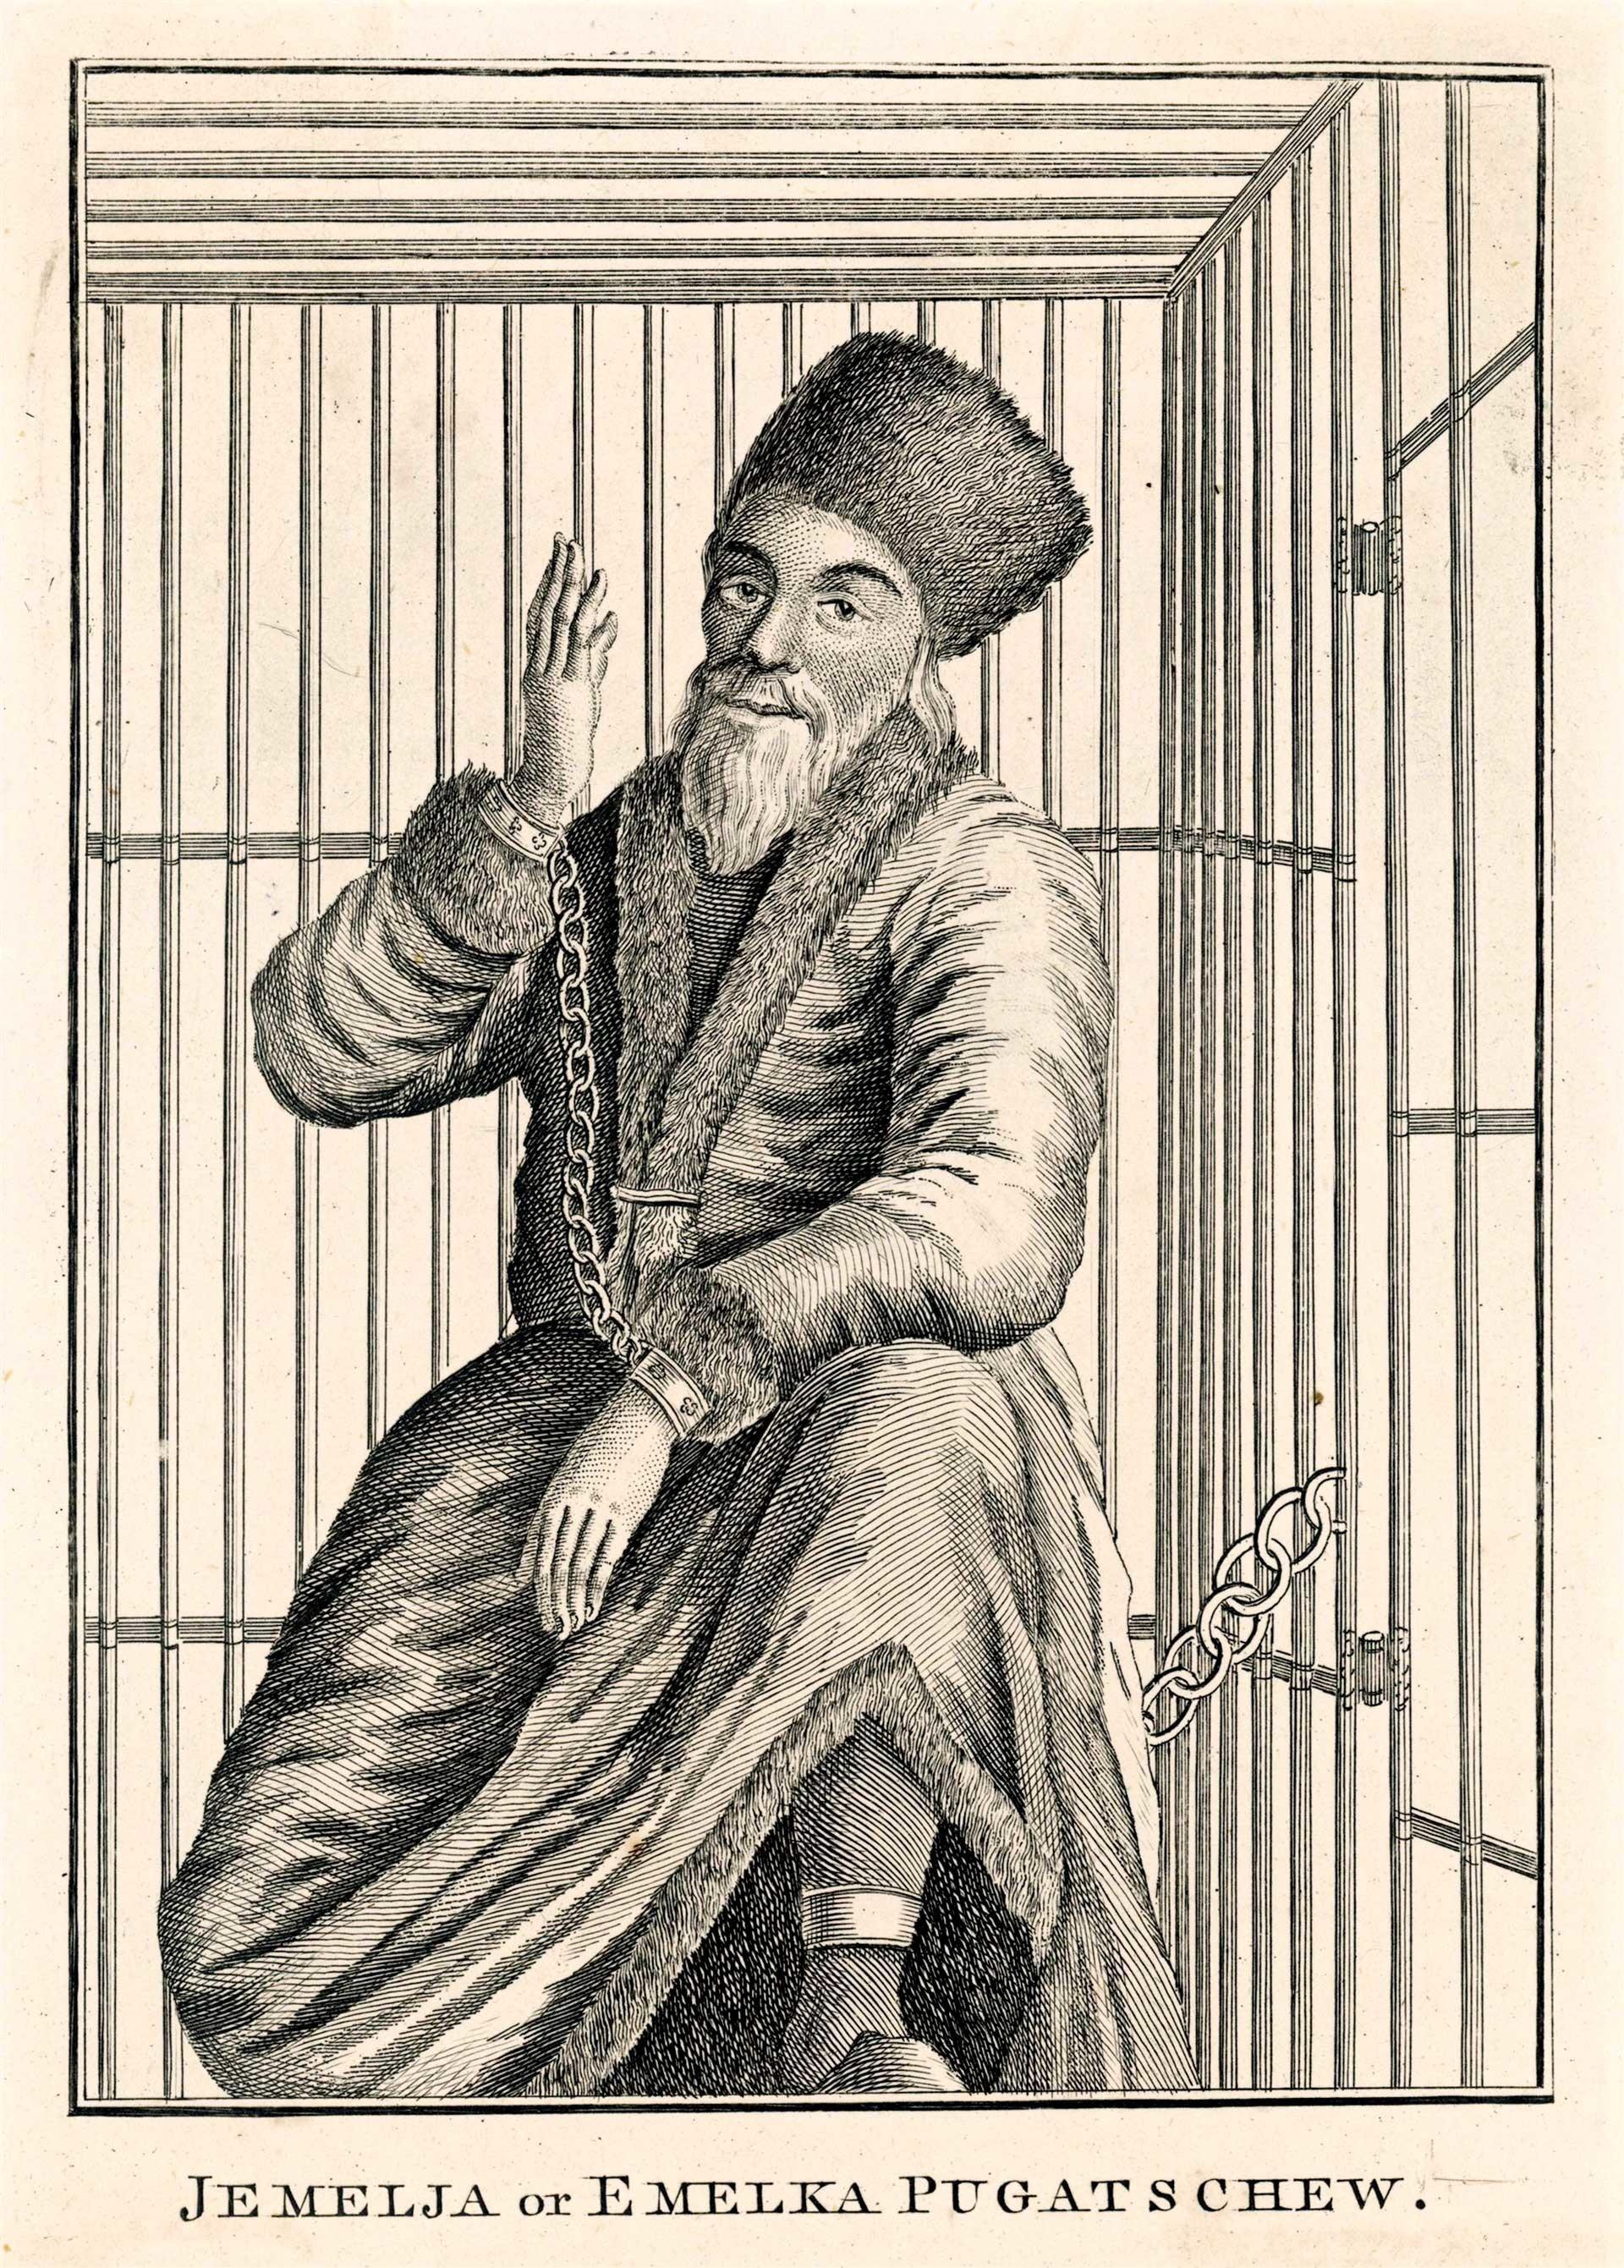 Gambar Pugachyov saat dibawa ke Moskow di sebuah jeruji kayu. Digambar oleh seniman yang tidak disebutkan namanya.